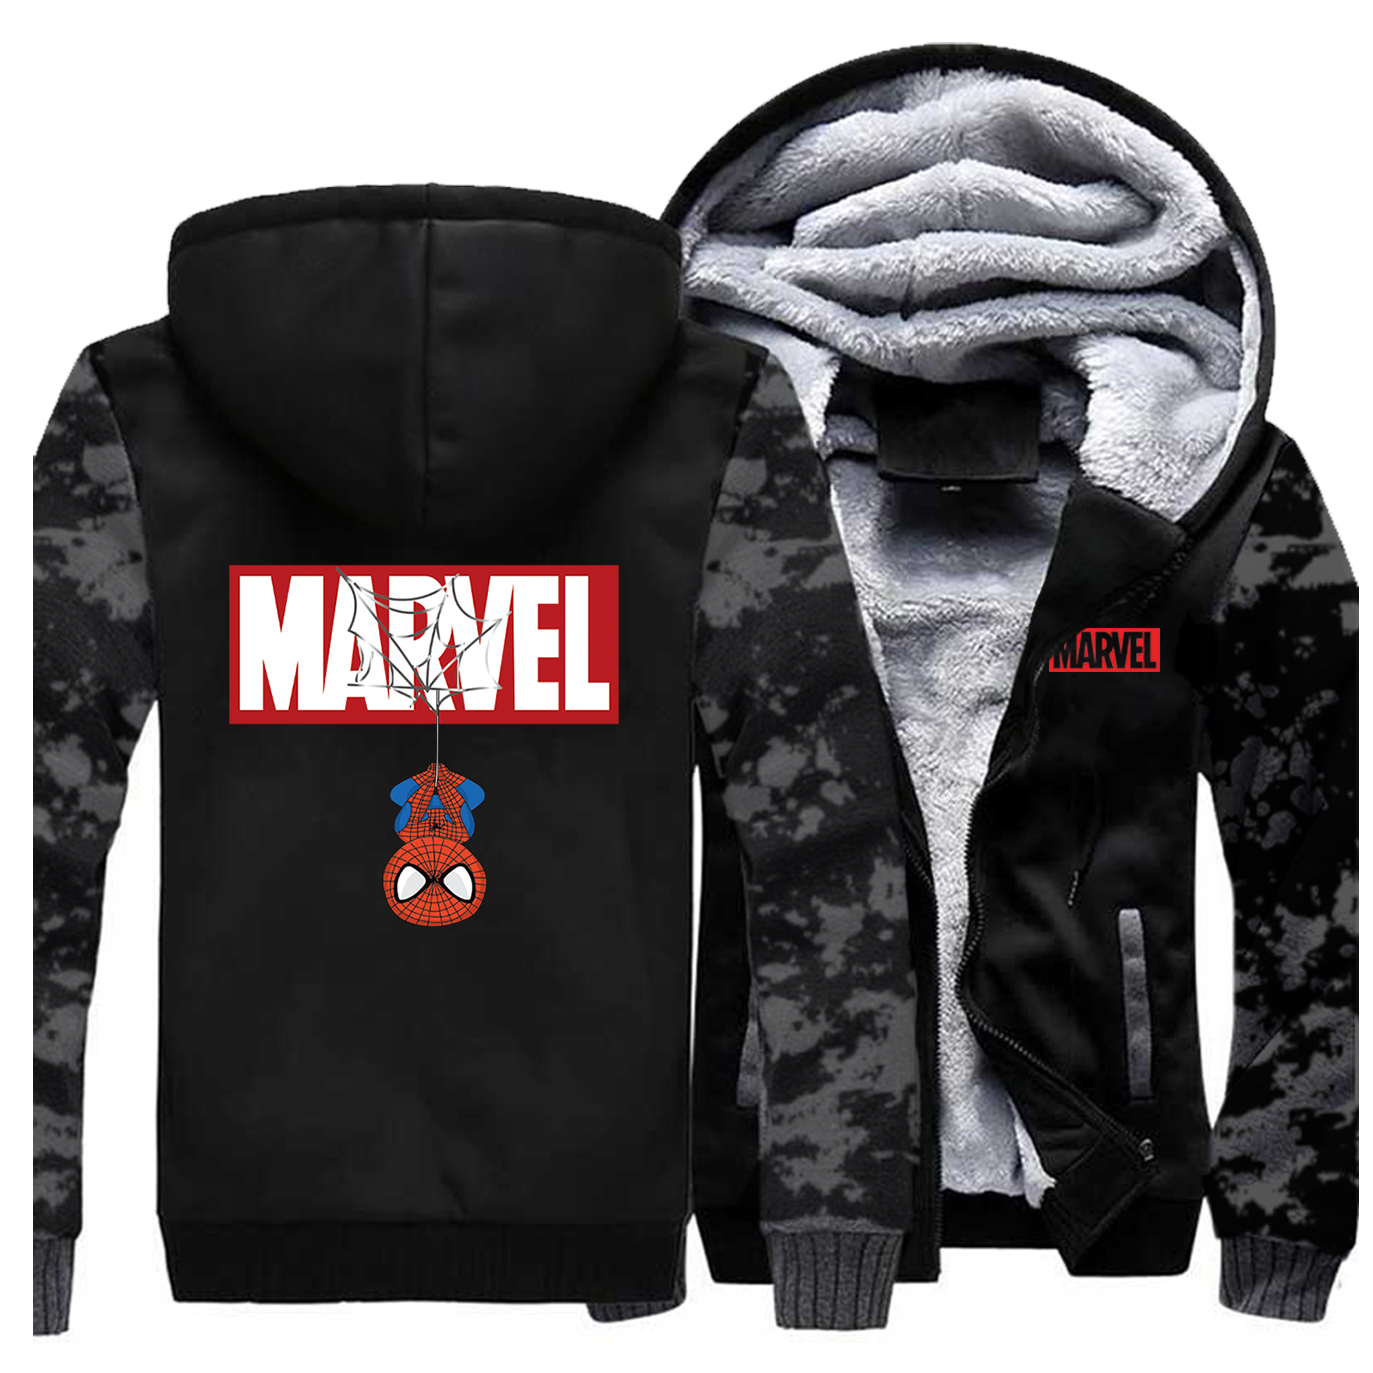 MARVEL Spiderman Print Hoodies Men Thick Warm Hoodie Sweatshirt Casual Brand Male Streetwear Winter Jacket The Avengers Coat